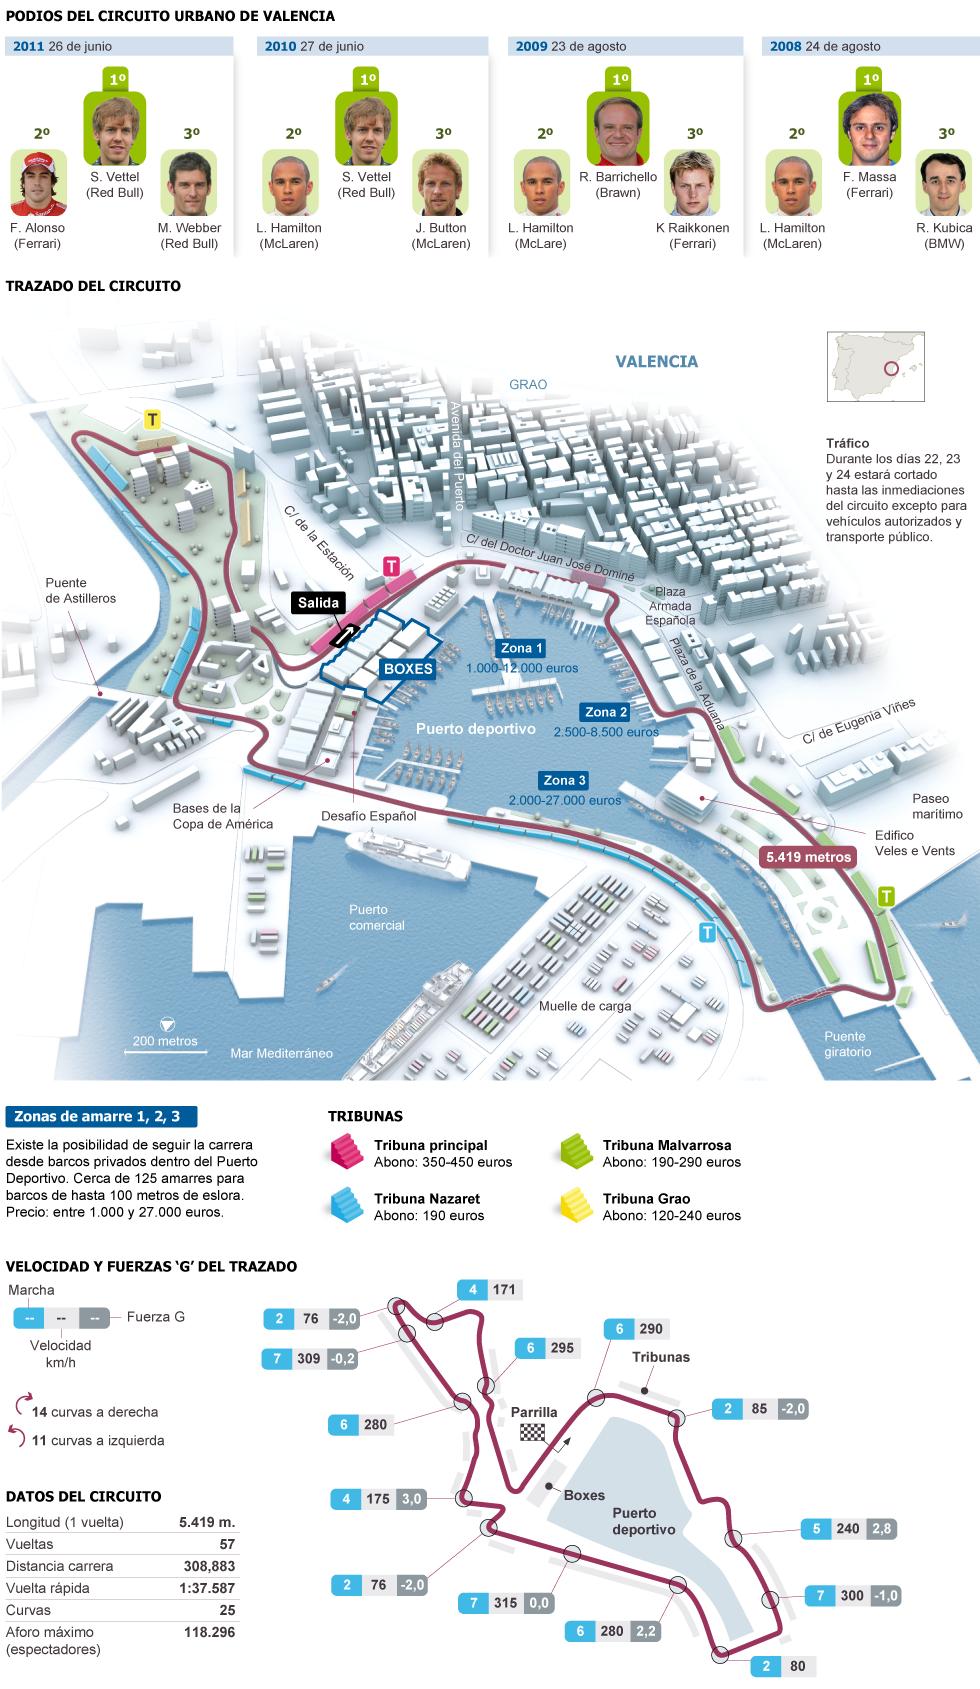 Circuito Urbano De Valencia : El circuito urbano de valencia actualidad paÍs